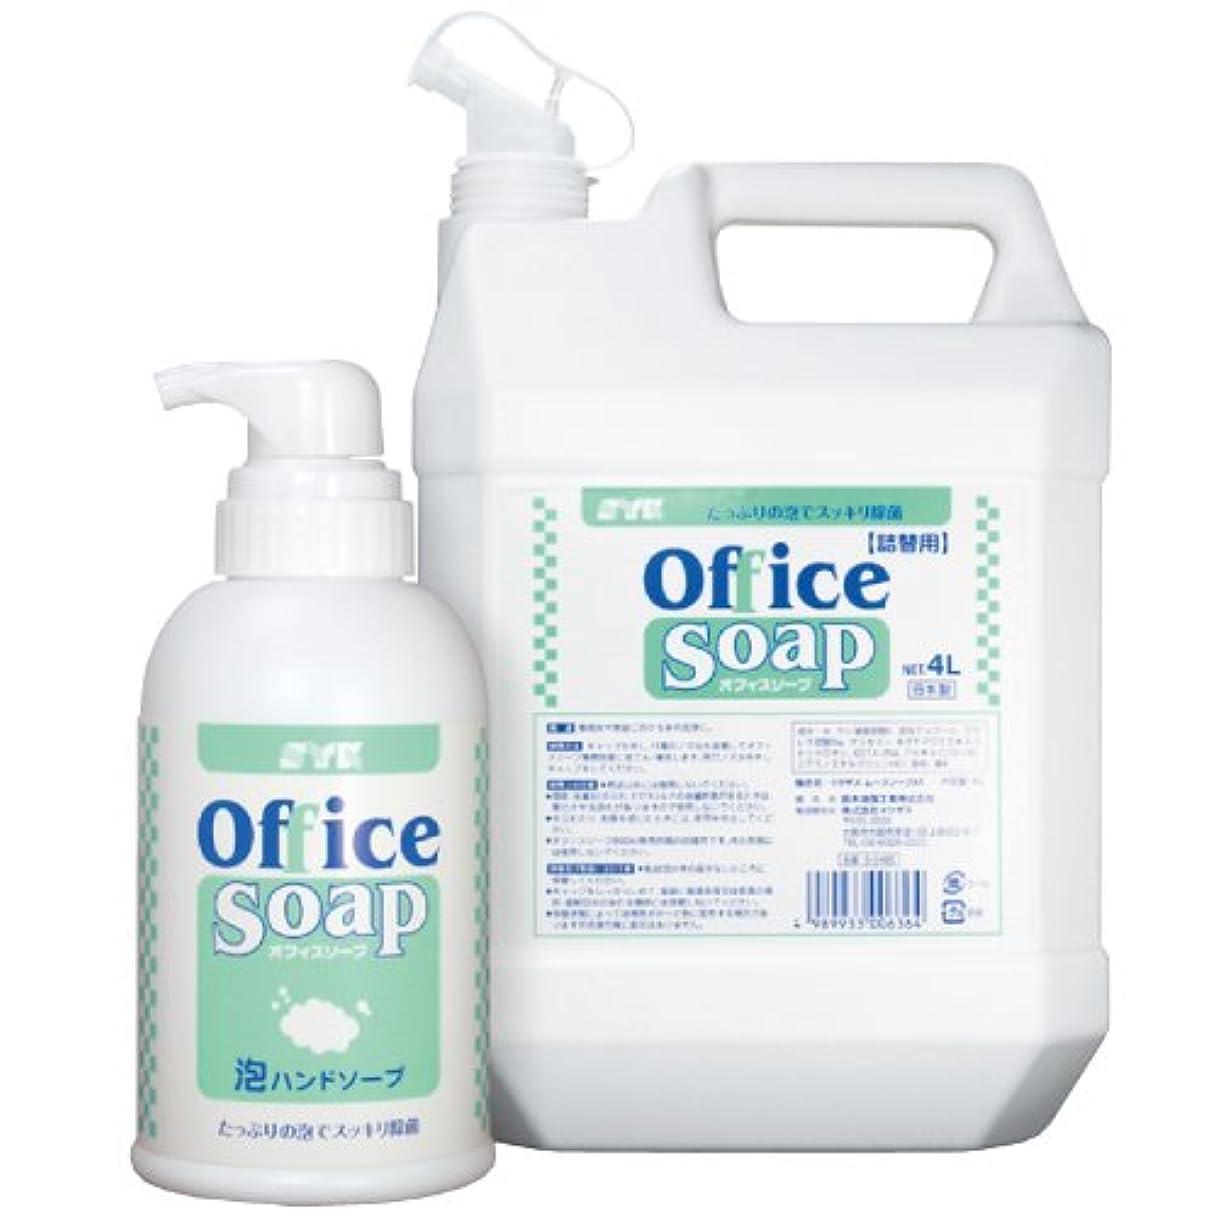 特徴シャンパン確率鈴木油脂 事務所用手洗い洗剤 業務用 オフィスソープ ポンプ入 780ml×3本